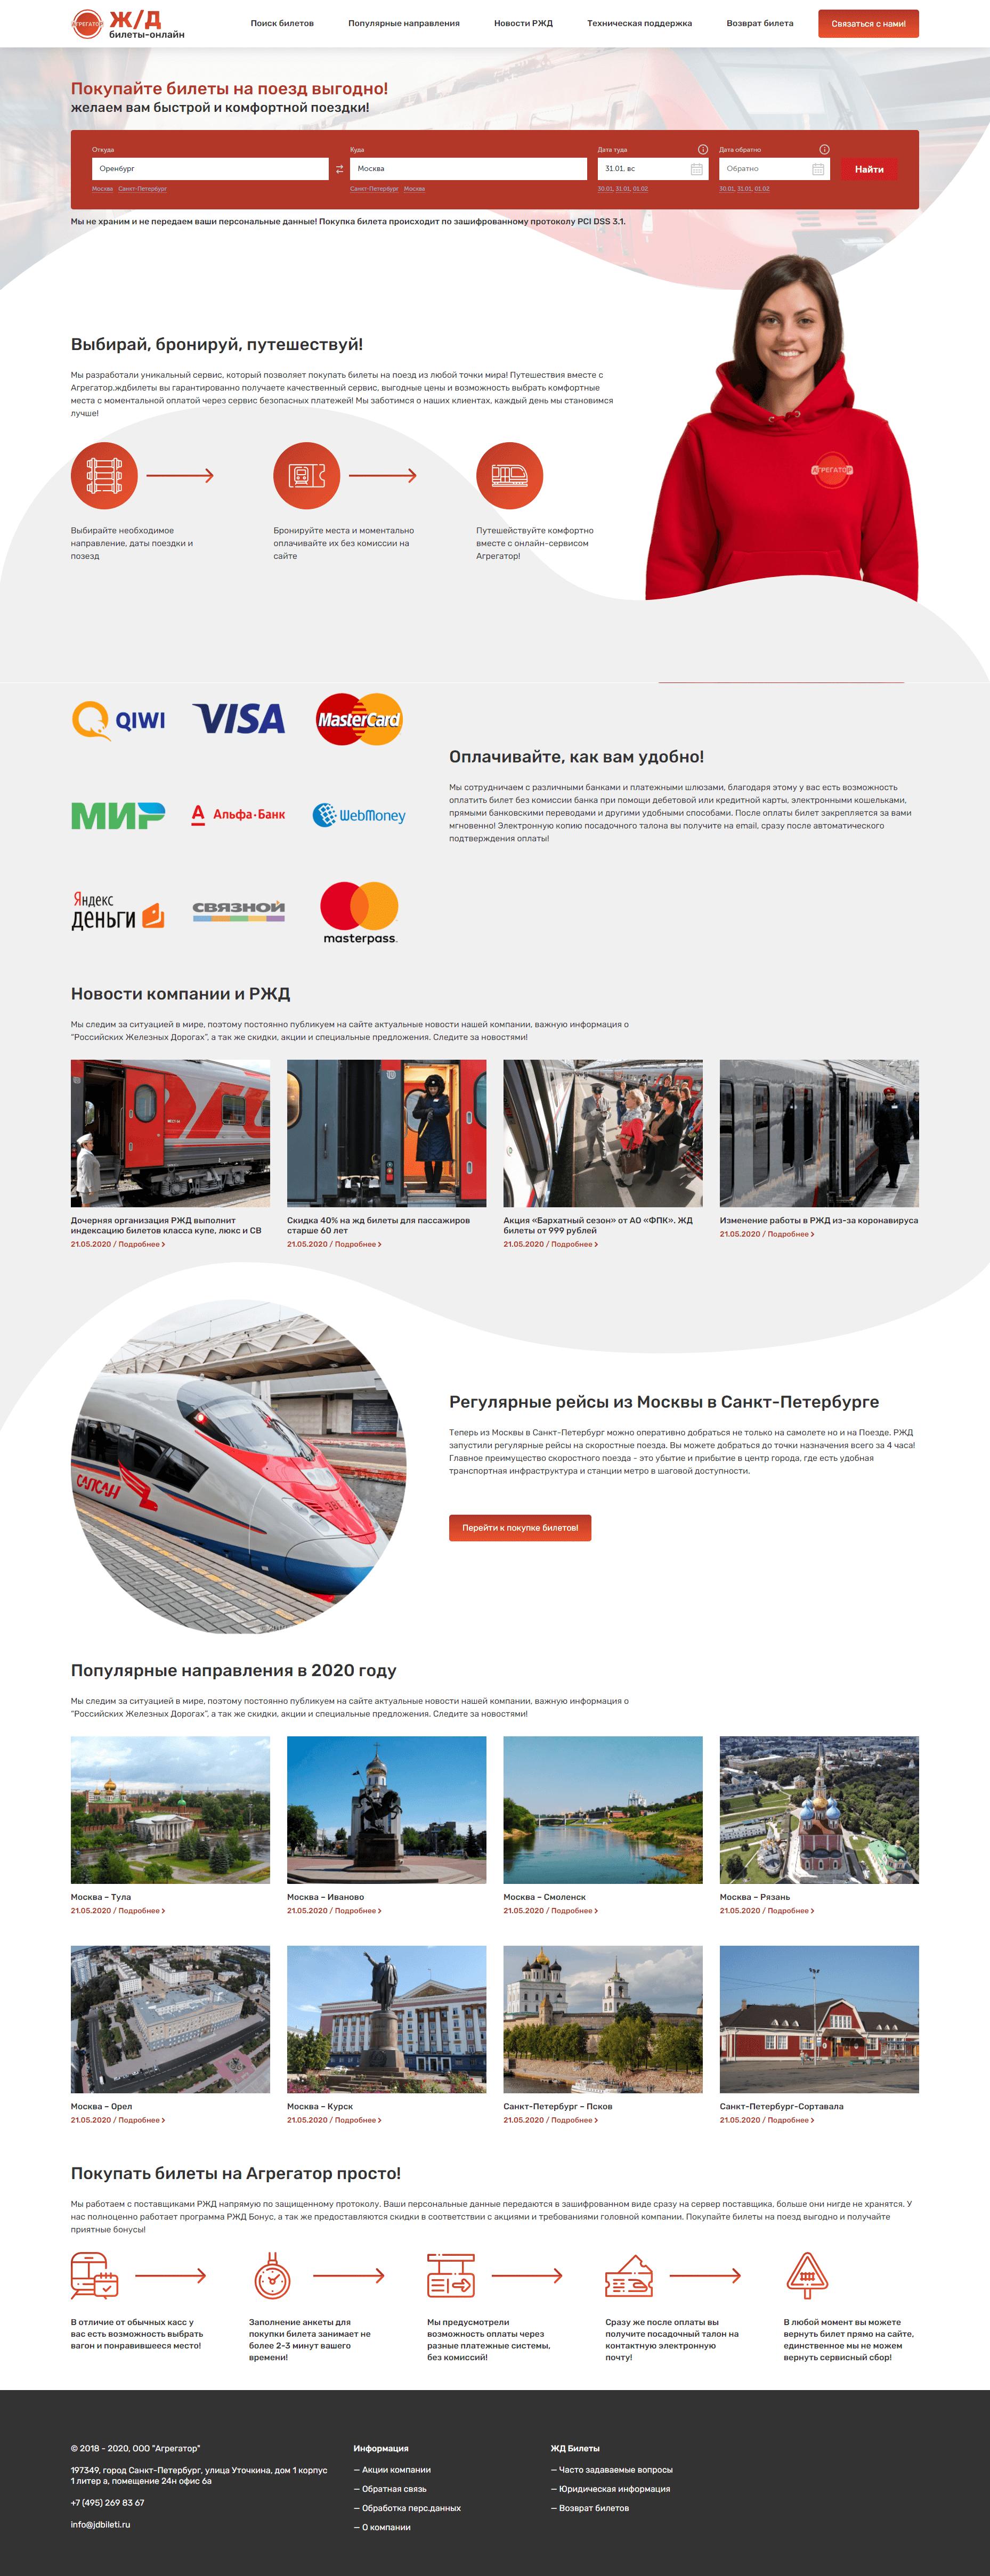 jdbileti.ru — поиск железнодорожных билетов